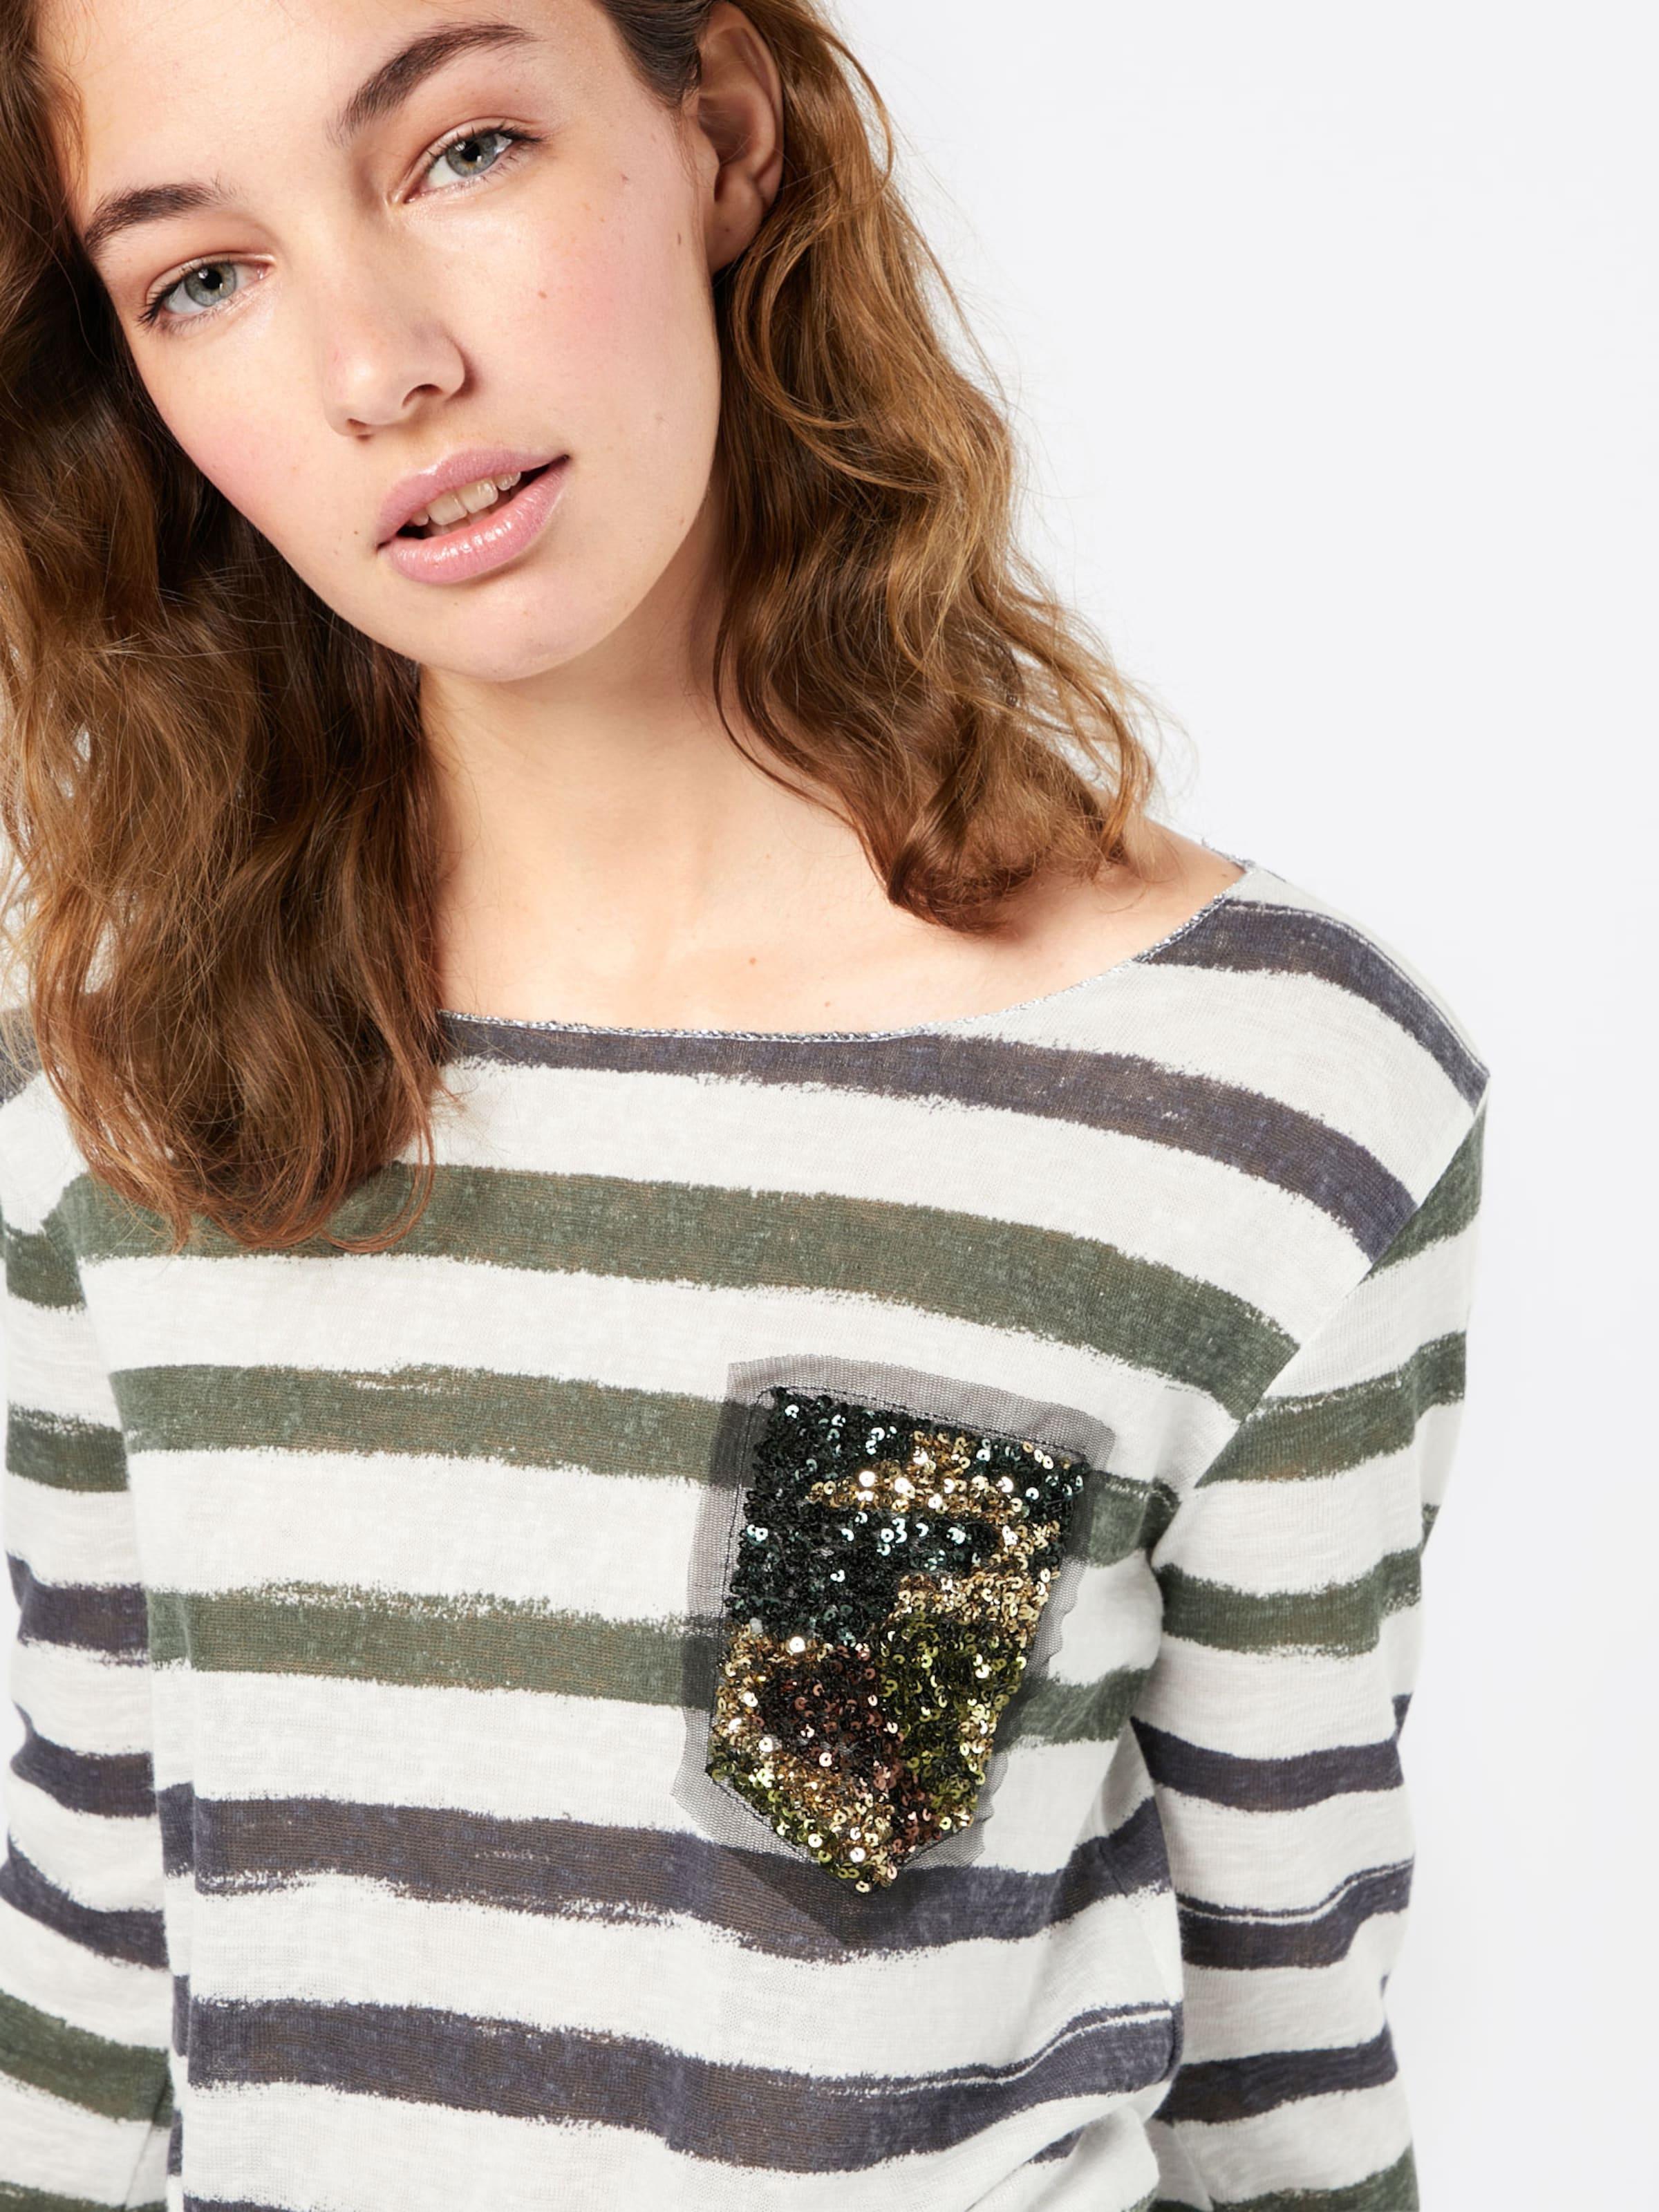 Key Largo Streifen Shirt 'WLS JESSY round' Online Shop Günstig Kaufen Billig Steckdose Modische Günstig Kaufen Spielraum 1K8nJuV